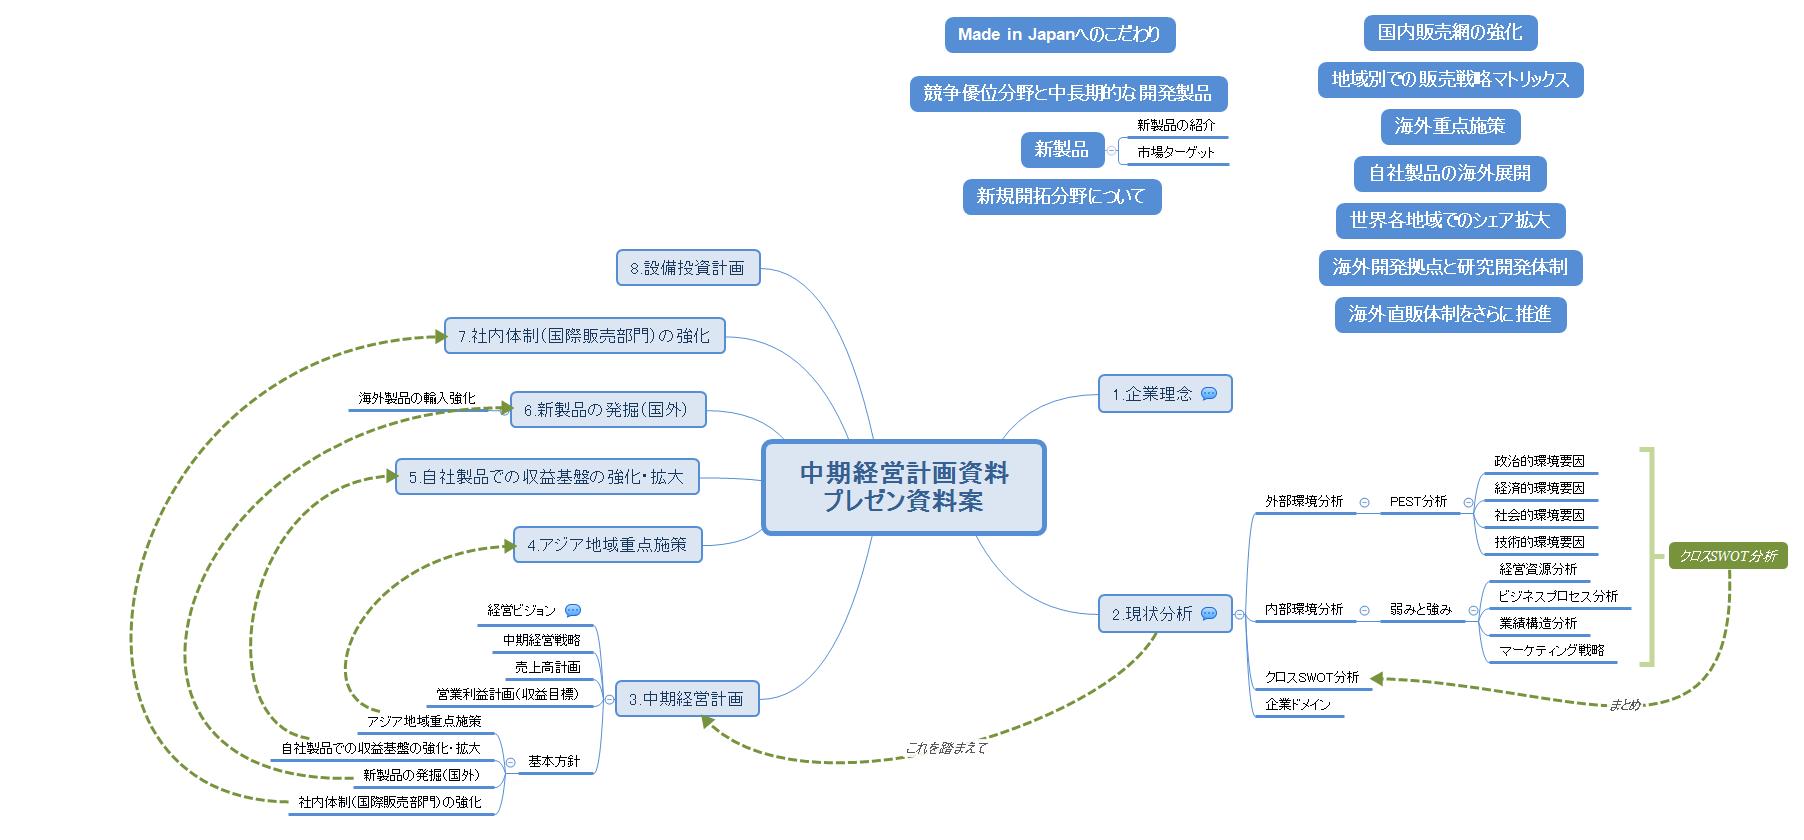 中期経営計画資料 プレゼン資料案